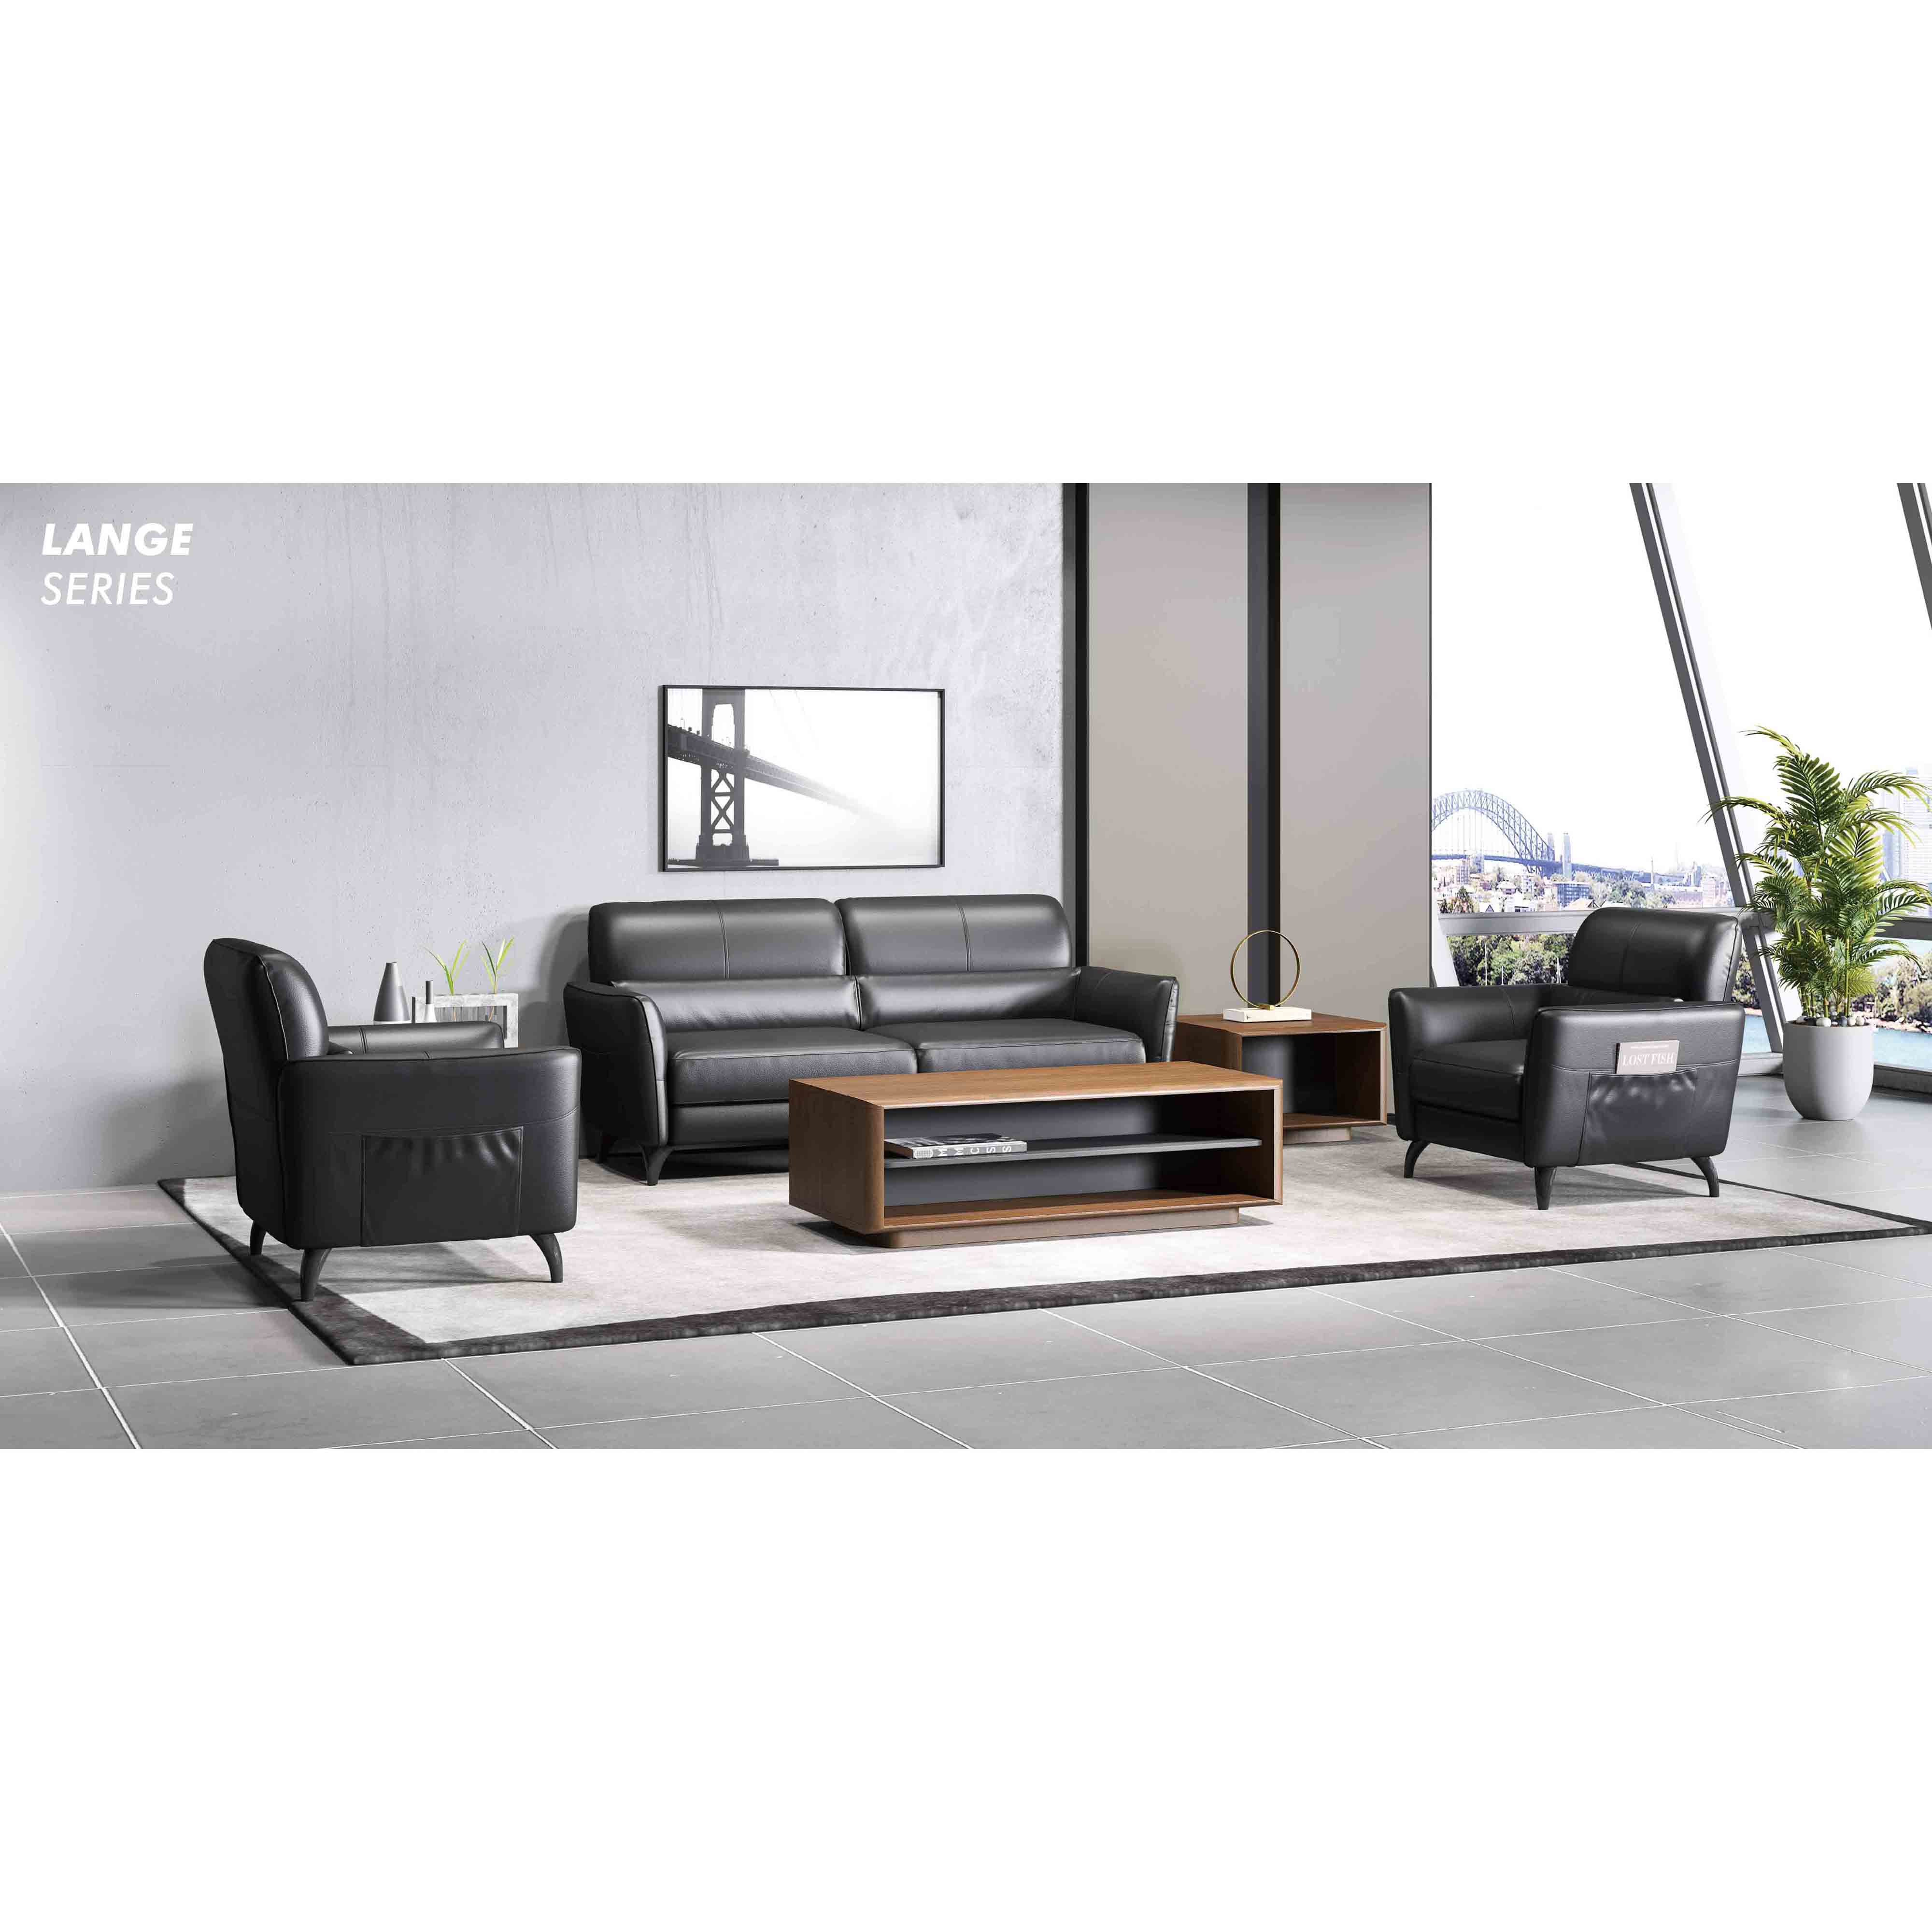 实木朗格系列沙发